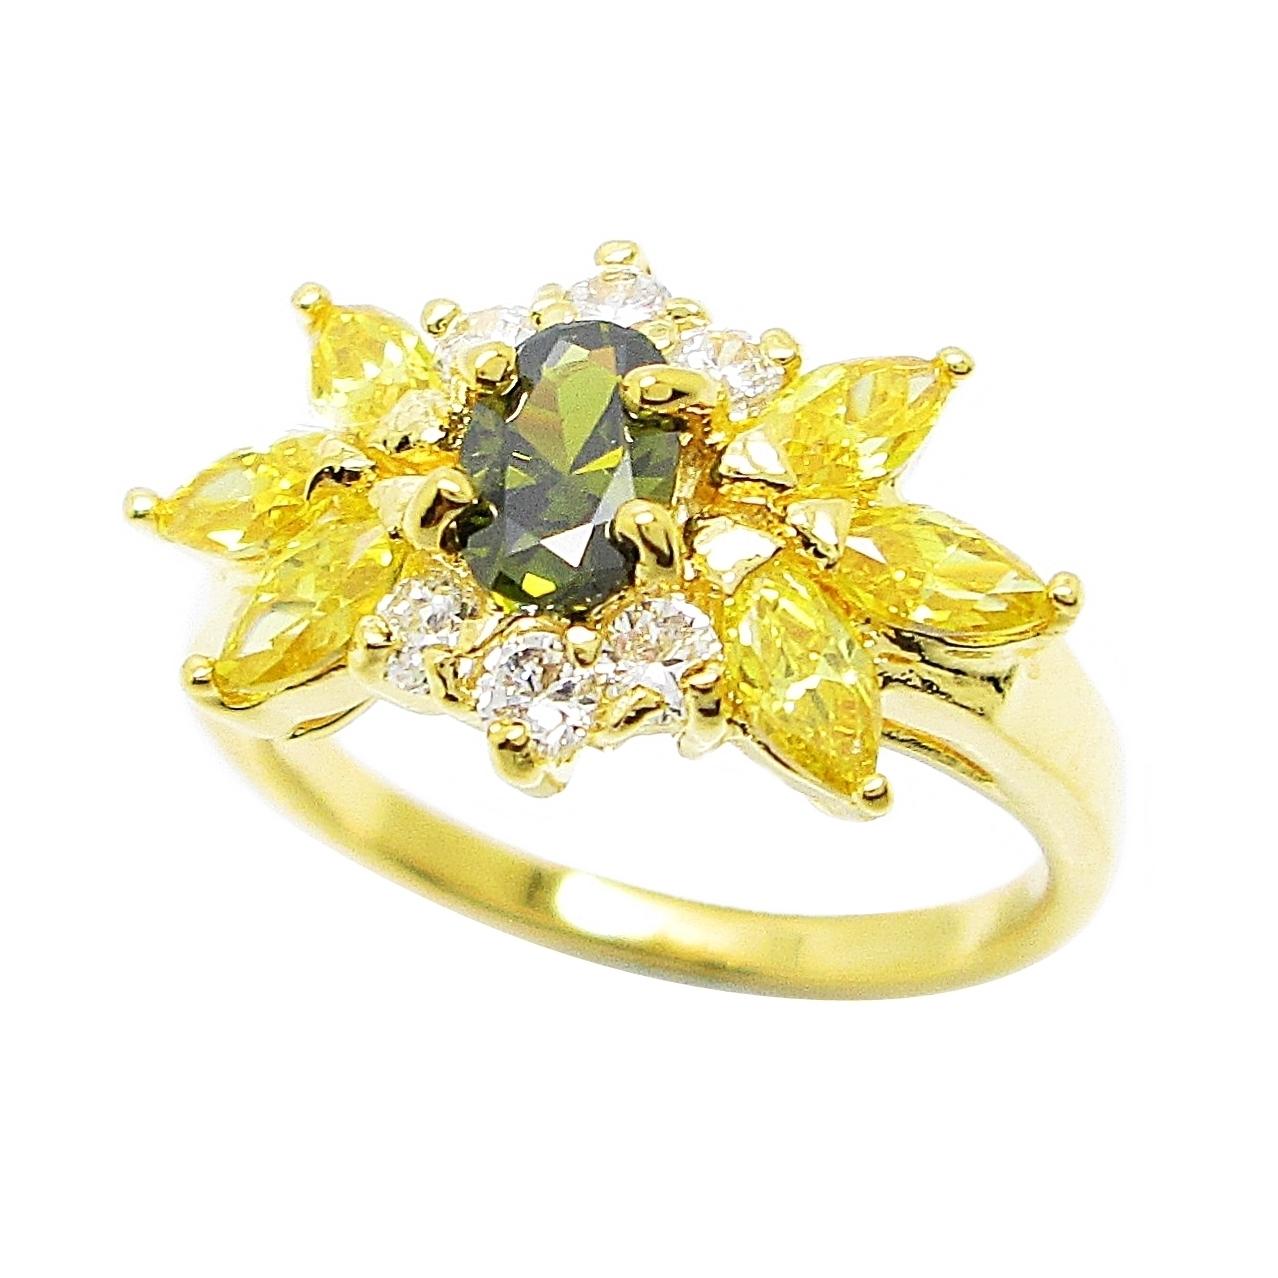 แหวนดอกไม้พลอยสีเขียวส่องประดับเพชรและพลอยมาคีย์บุศราคัมชุบทอง